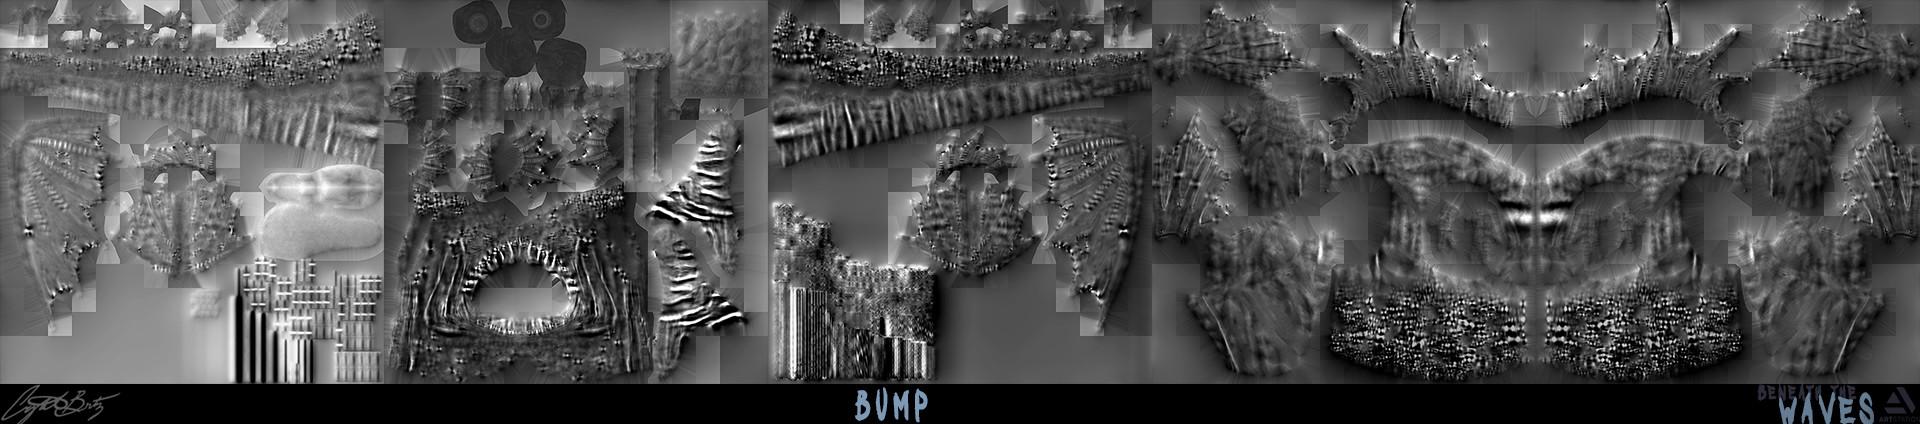 Crystal bretz texturemaps b